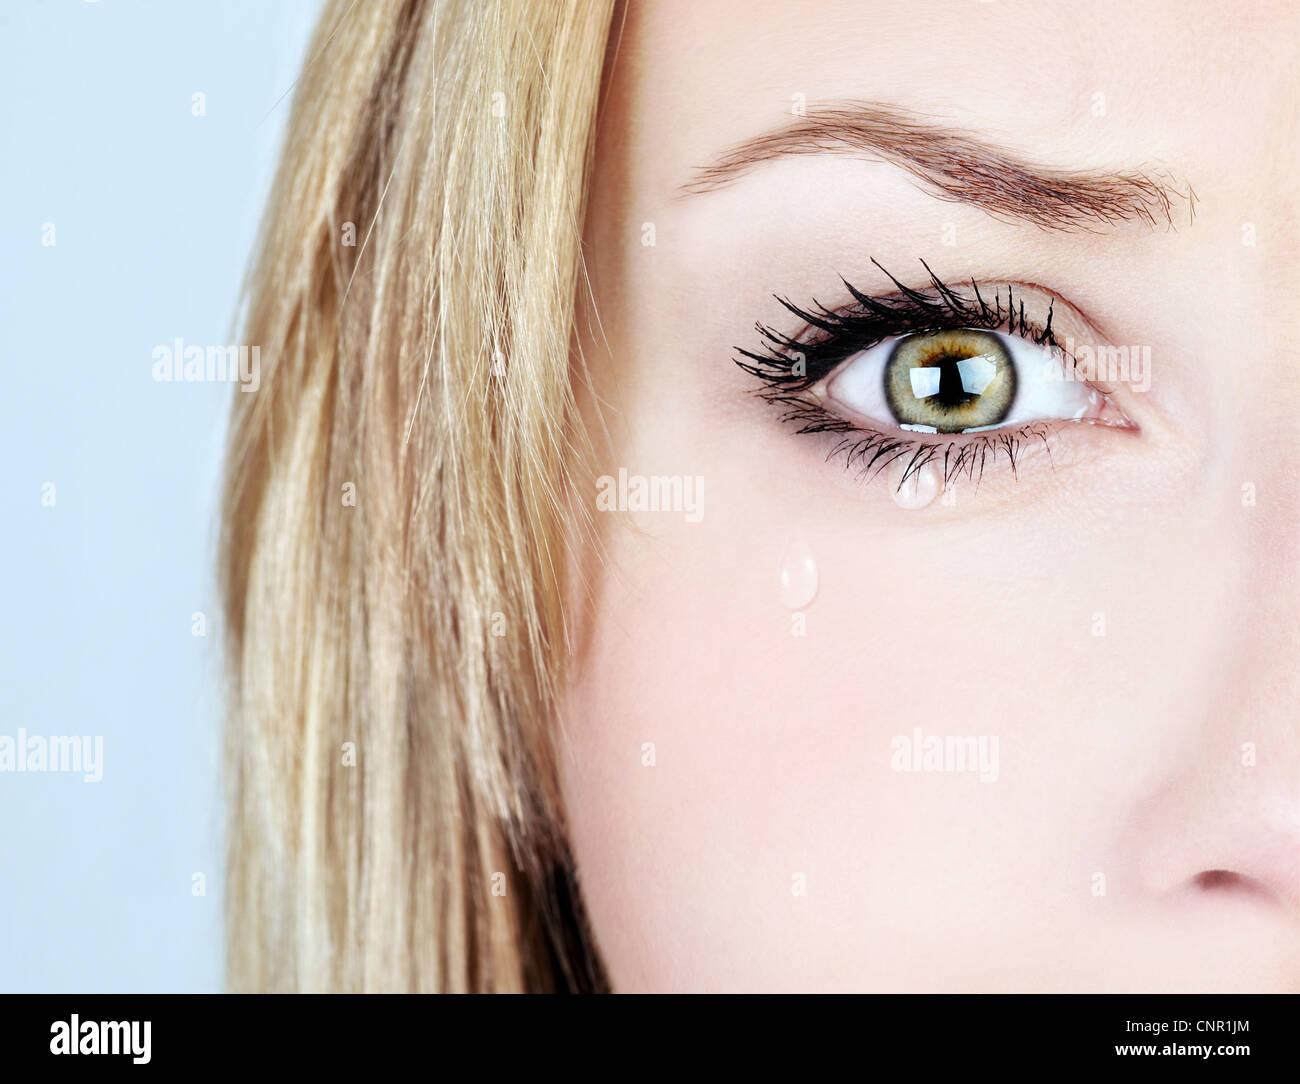 Weinende Frau, schönes Gesicht mit Träne Tropfen, Gesichtsausdruck, Schmerz und Trauer-Konzept Stockbild